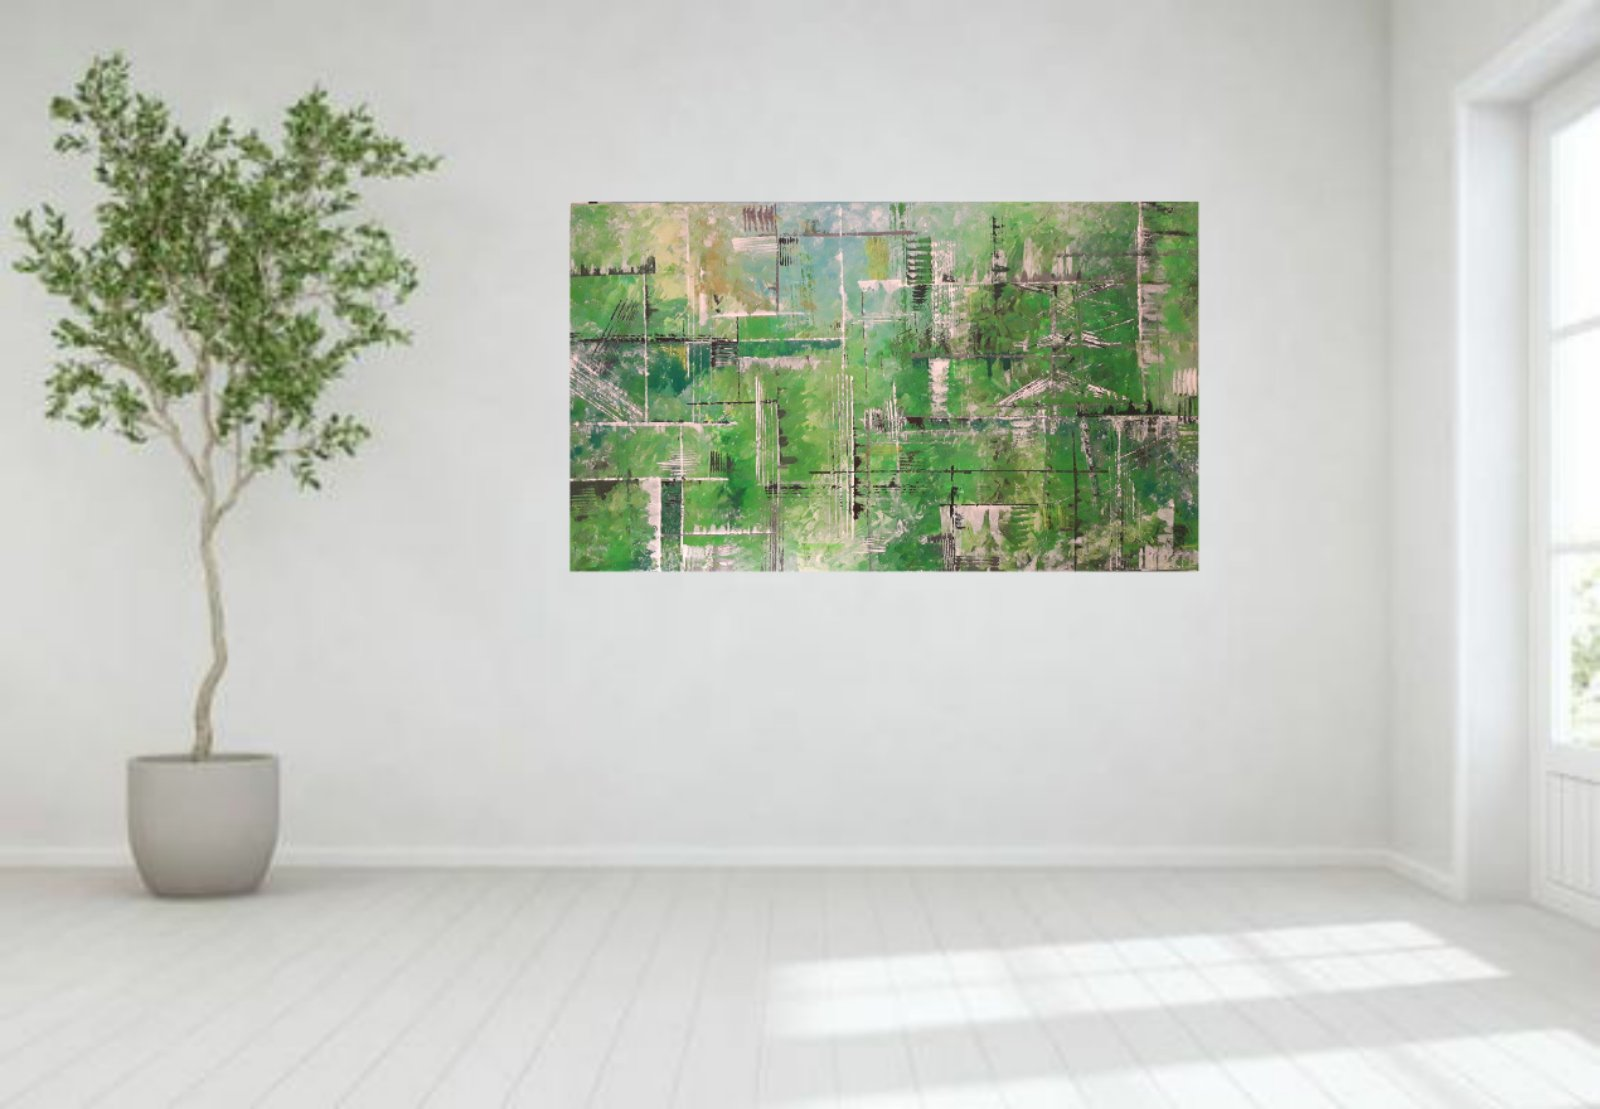 Obraz abstraktny NOVY malovany akrylom - Obrázok č. 2